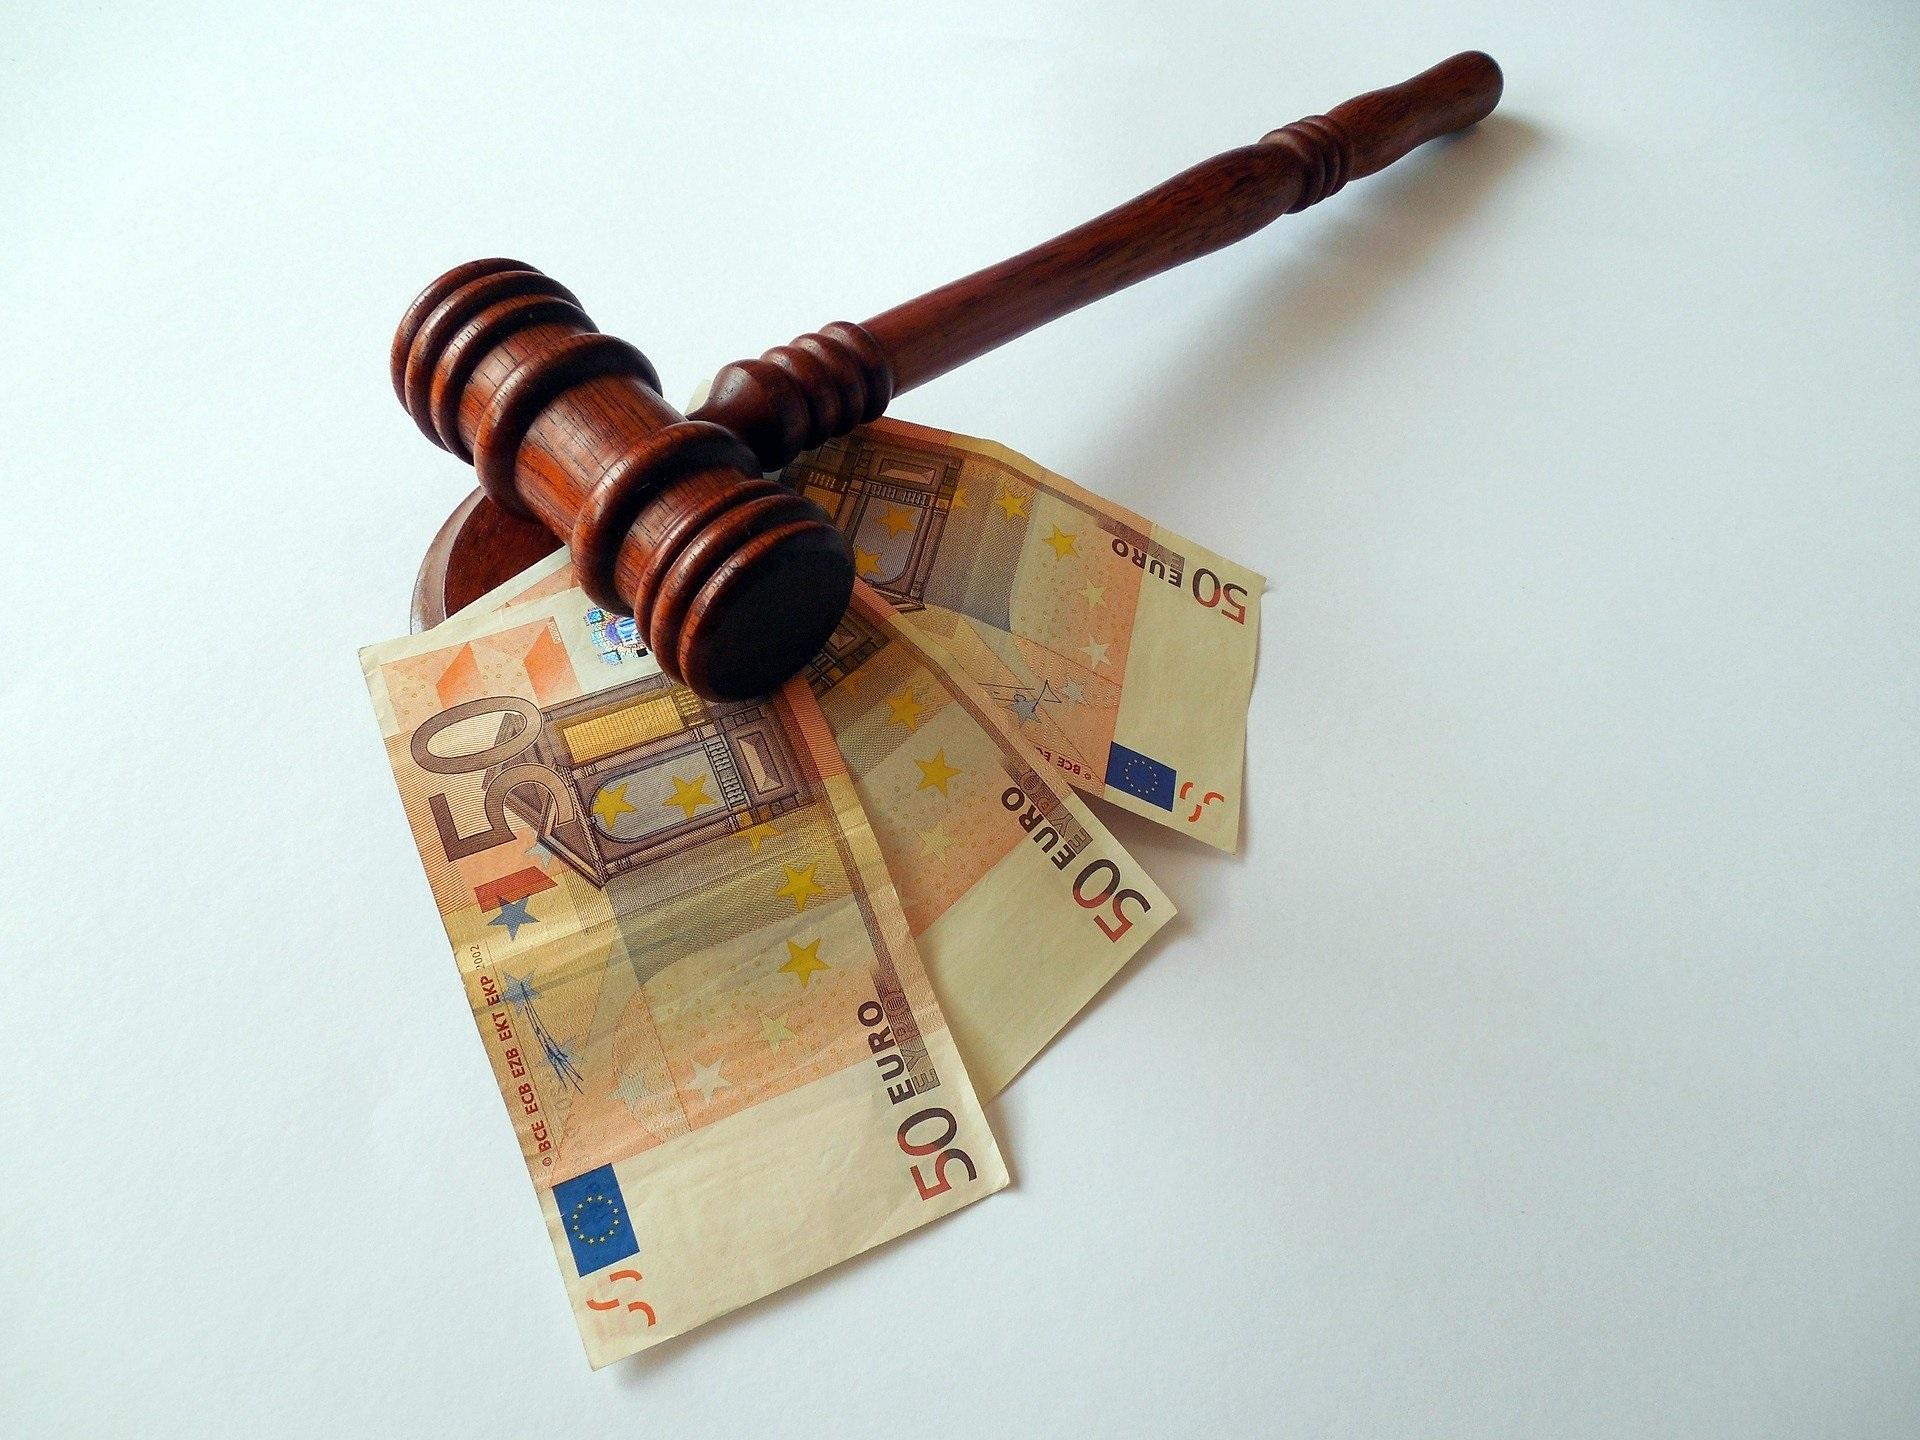 Abzocke beenden: Überhöhte Bußgelder zurückzahlen